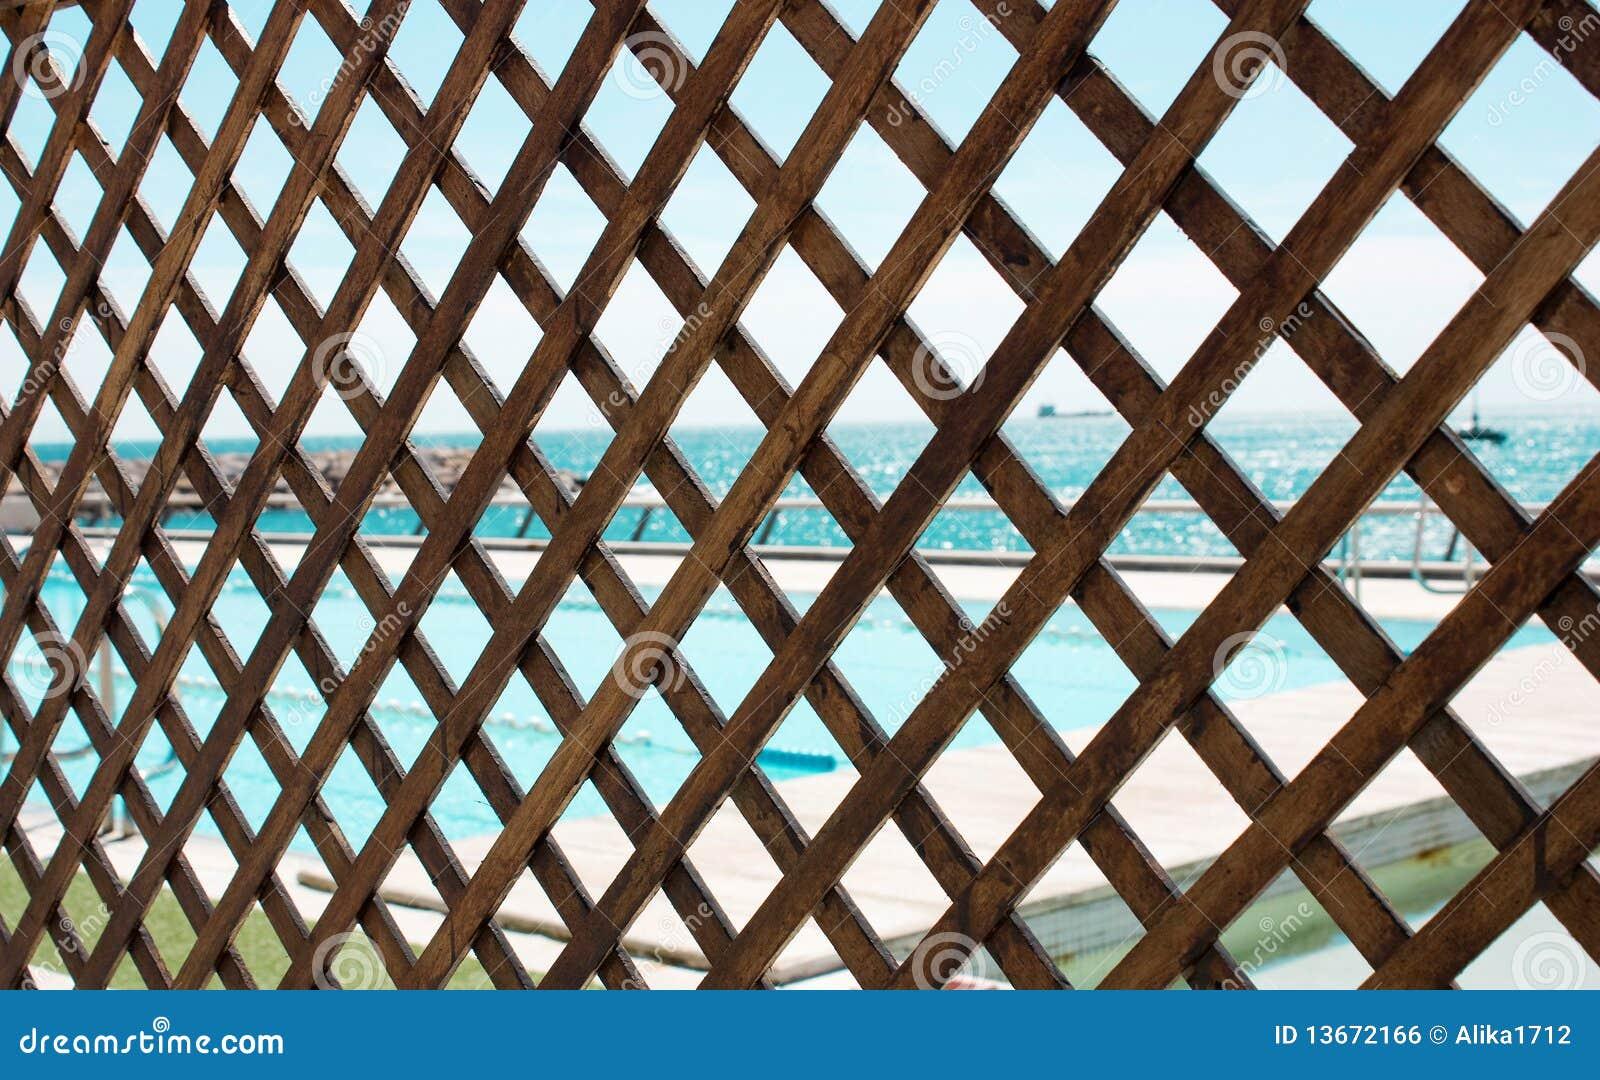 Reja de madera imagen de archivo libre de regal as imagen 13672166 - Rejas de madera ...